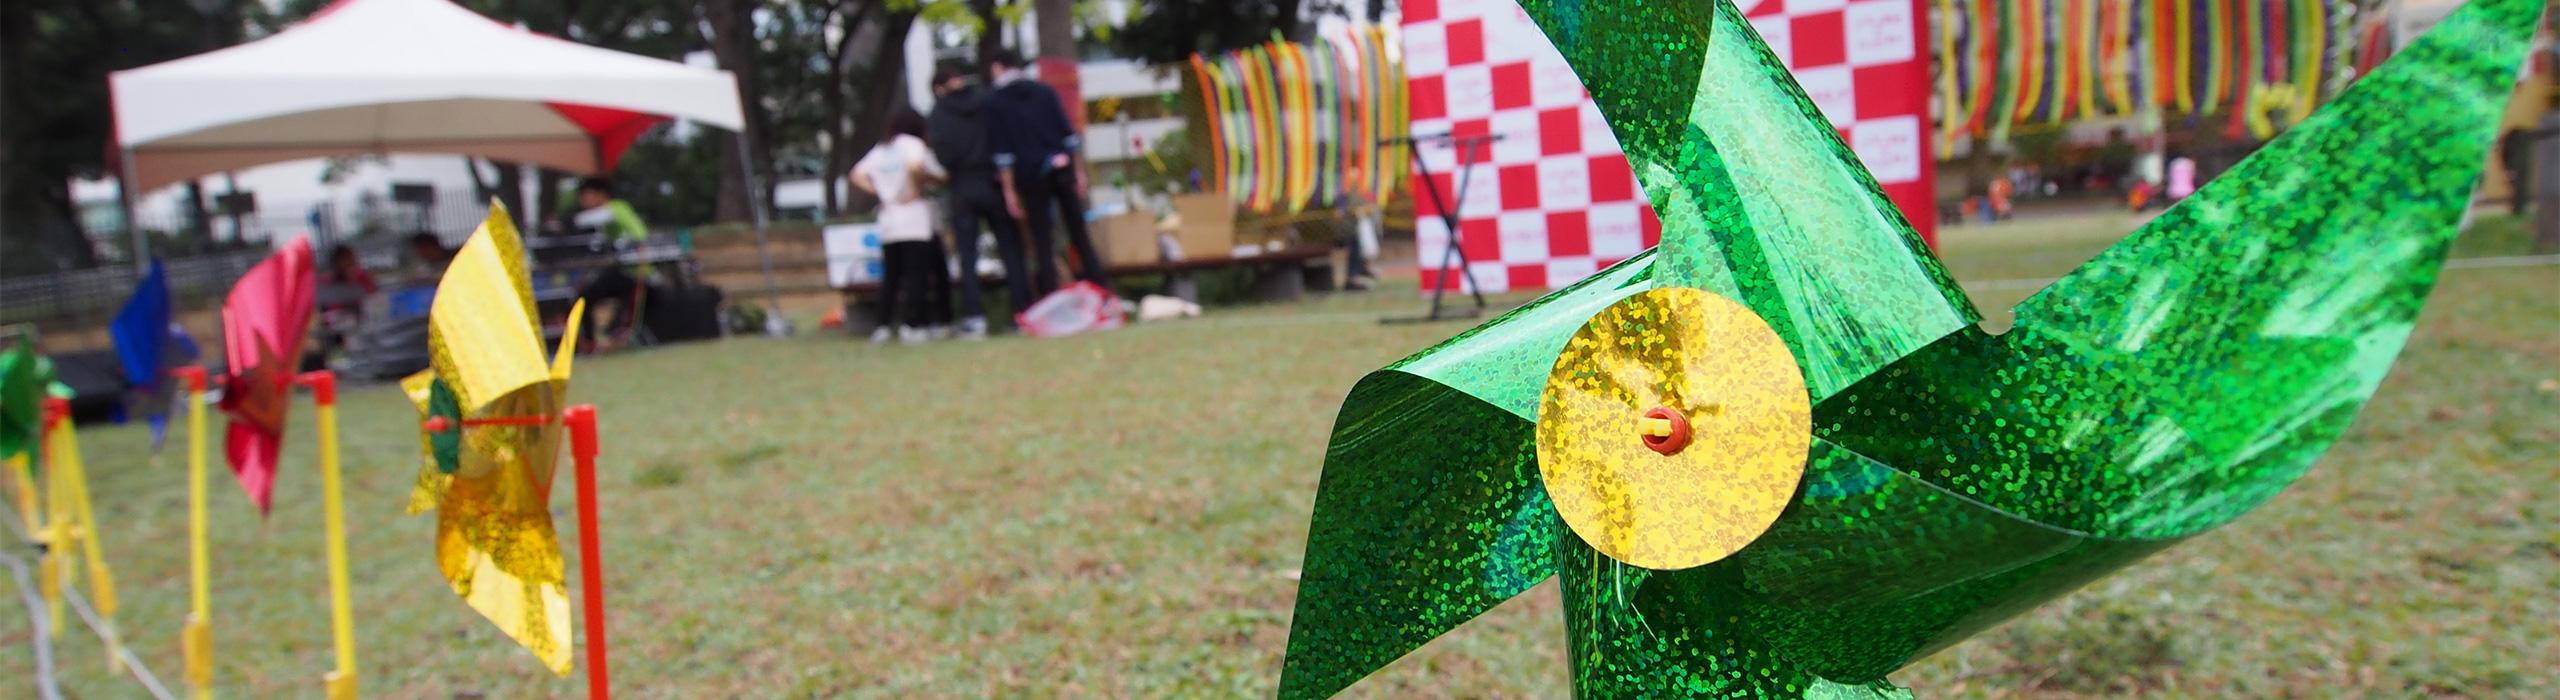 ホッチポッチミュージックフェスティバル2017 〜ごちゃまぜでハッピネス〜 横浜公園 ブラントン像前 会場